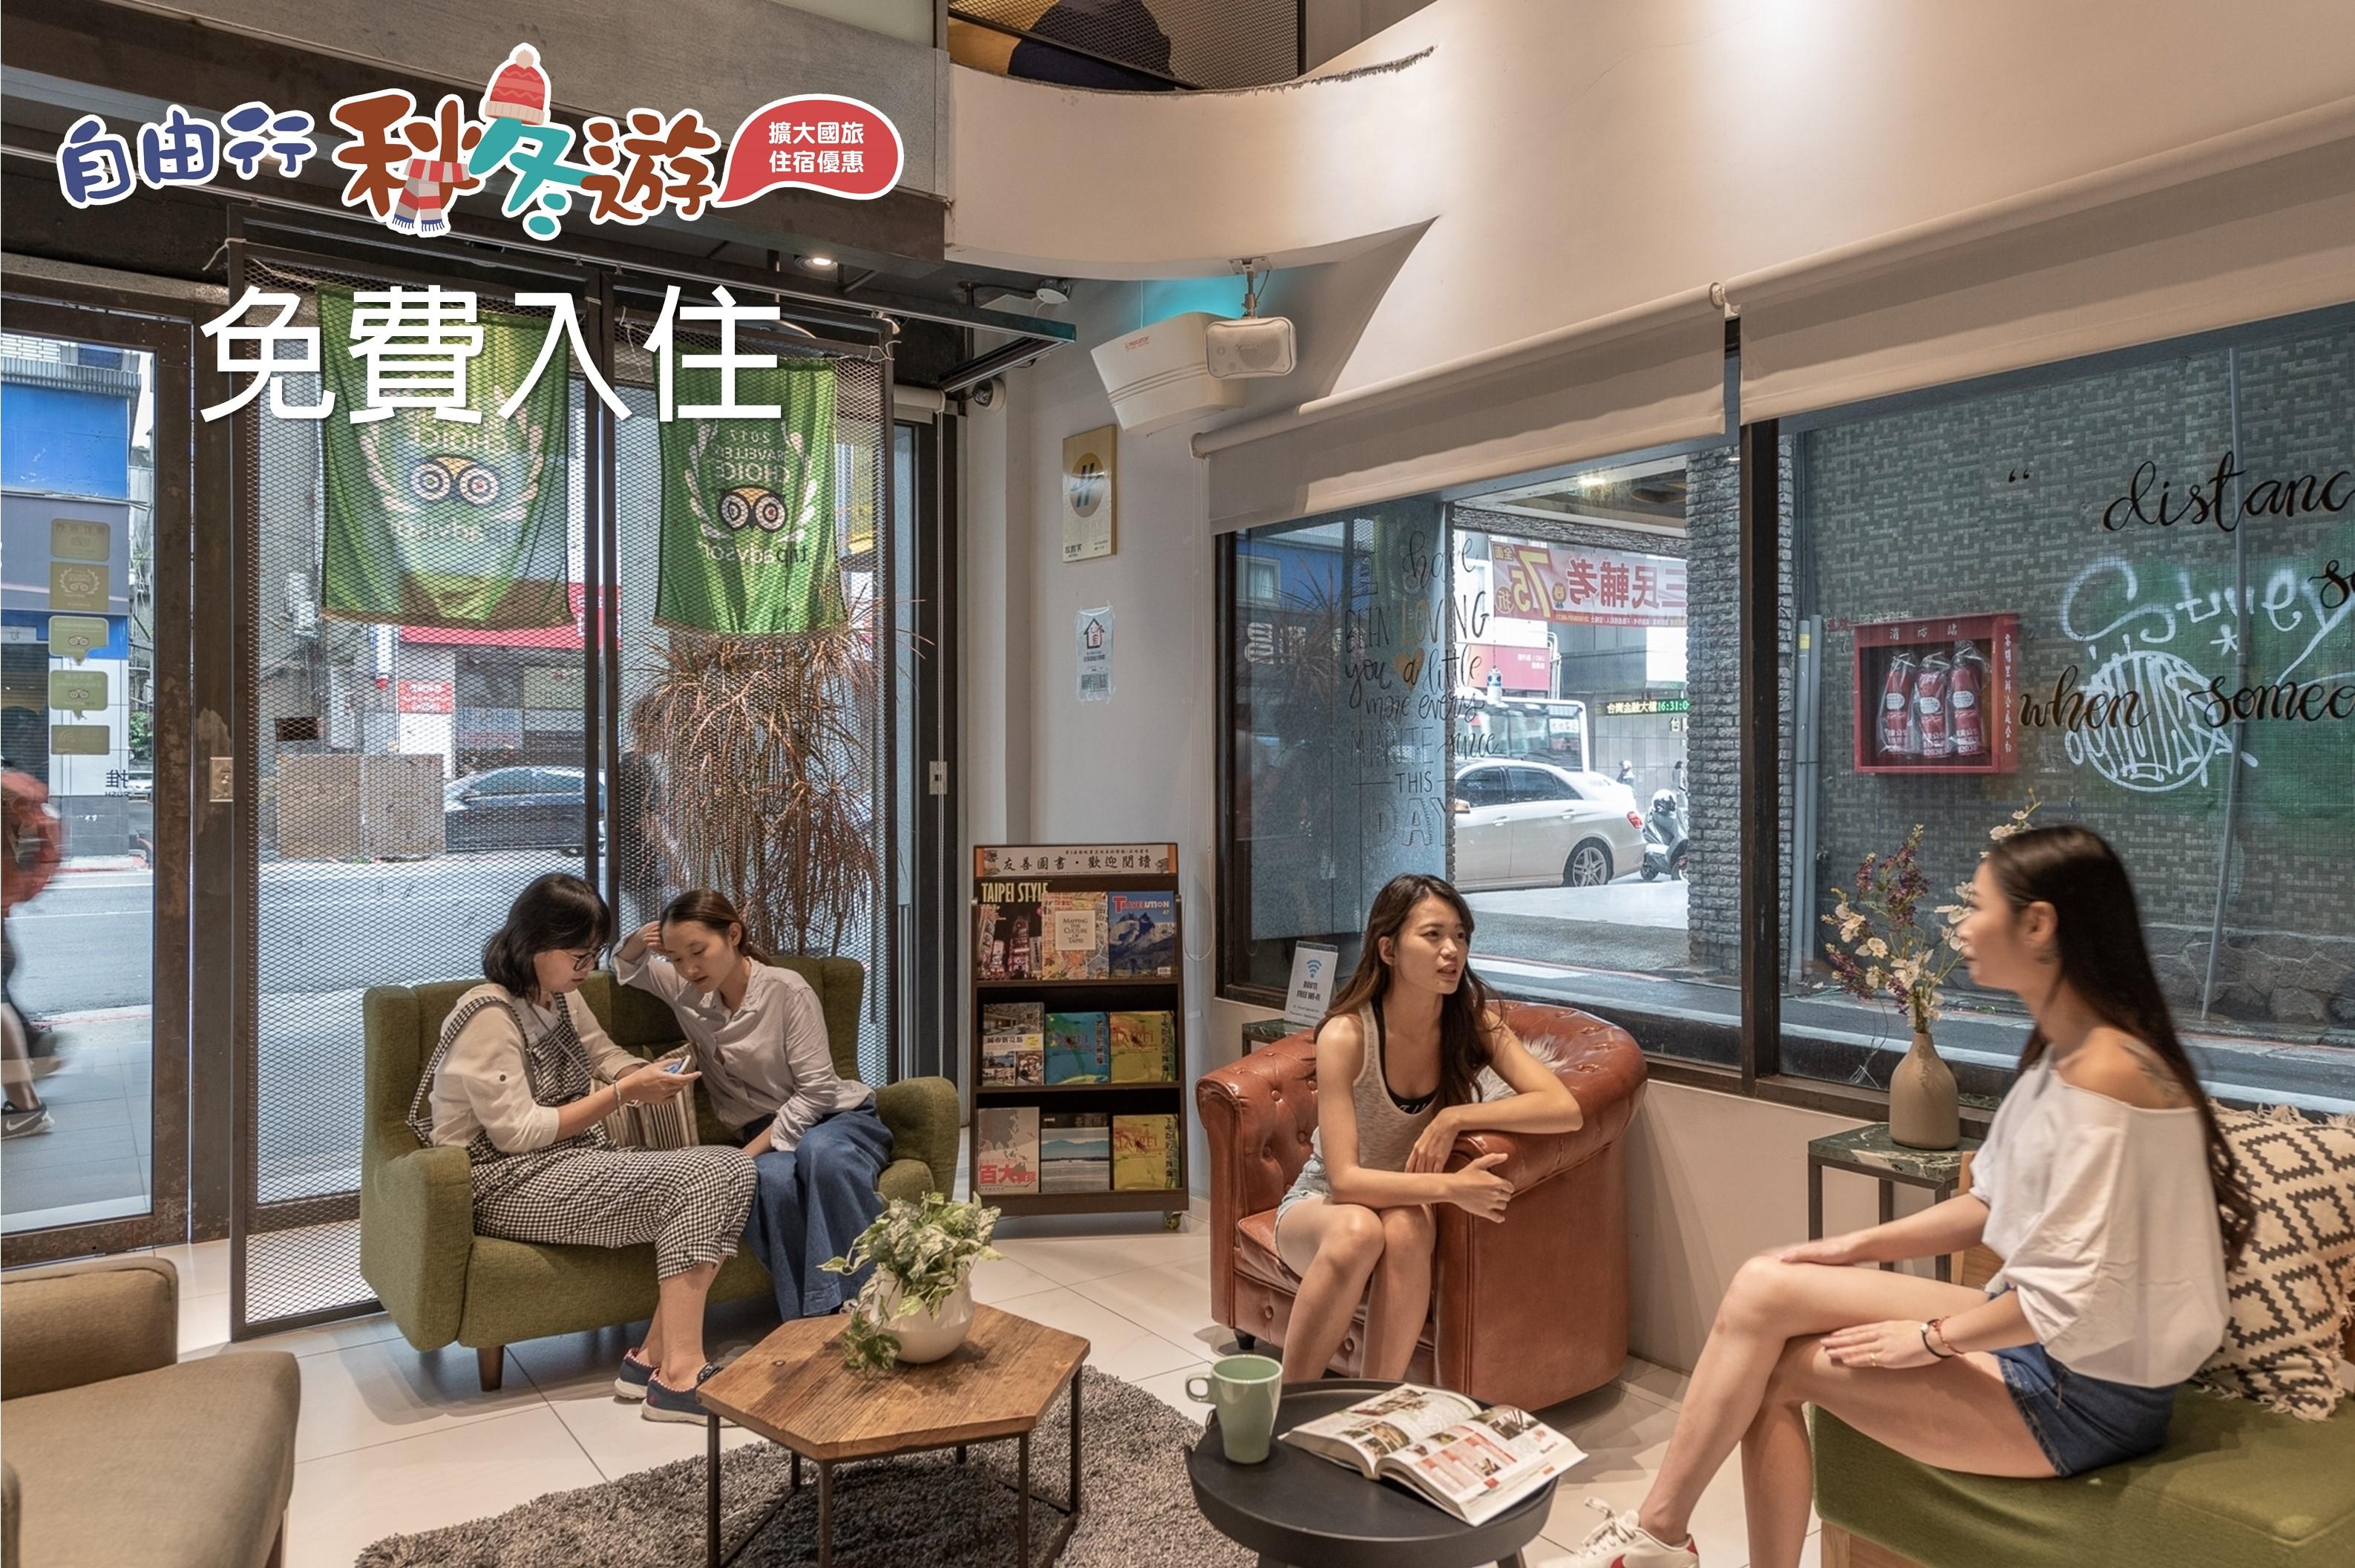 政府補助璞邸加碼-FB for 台北